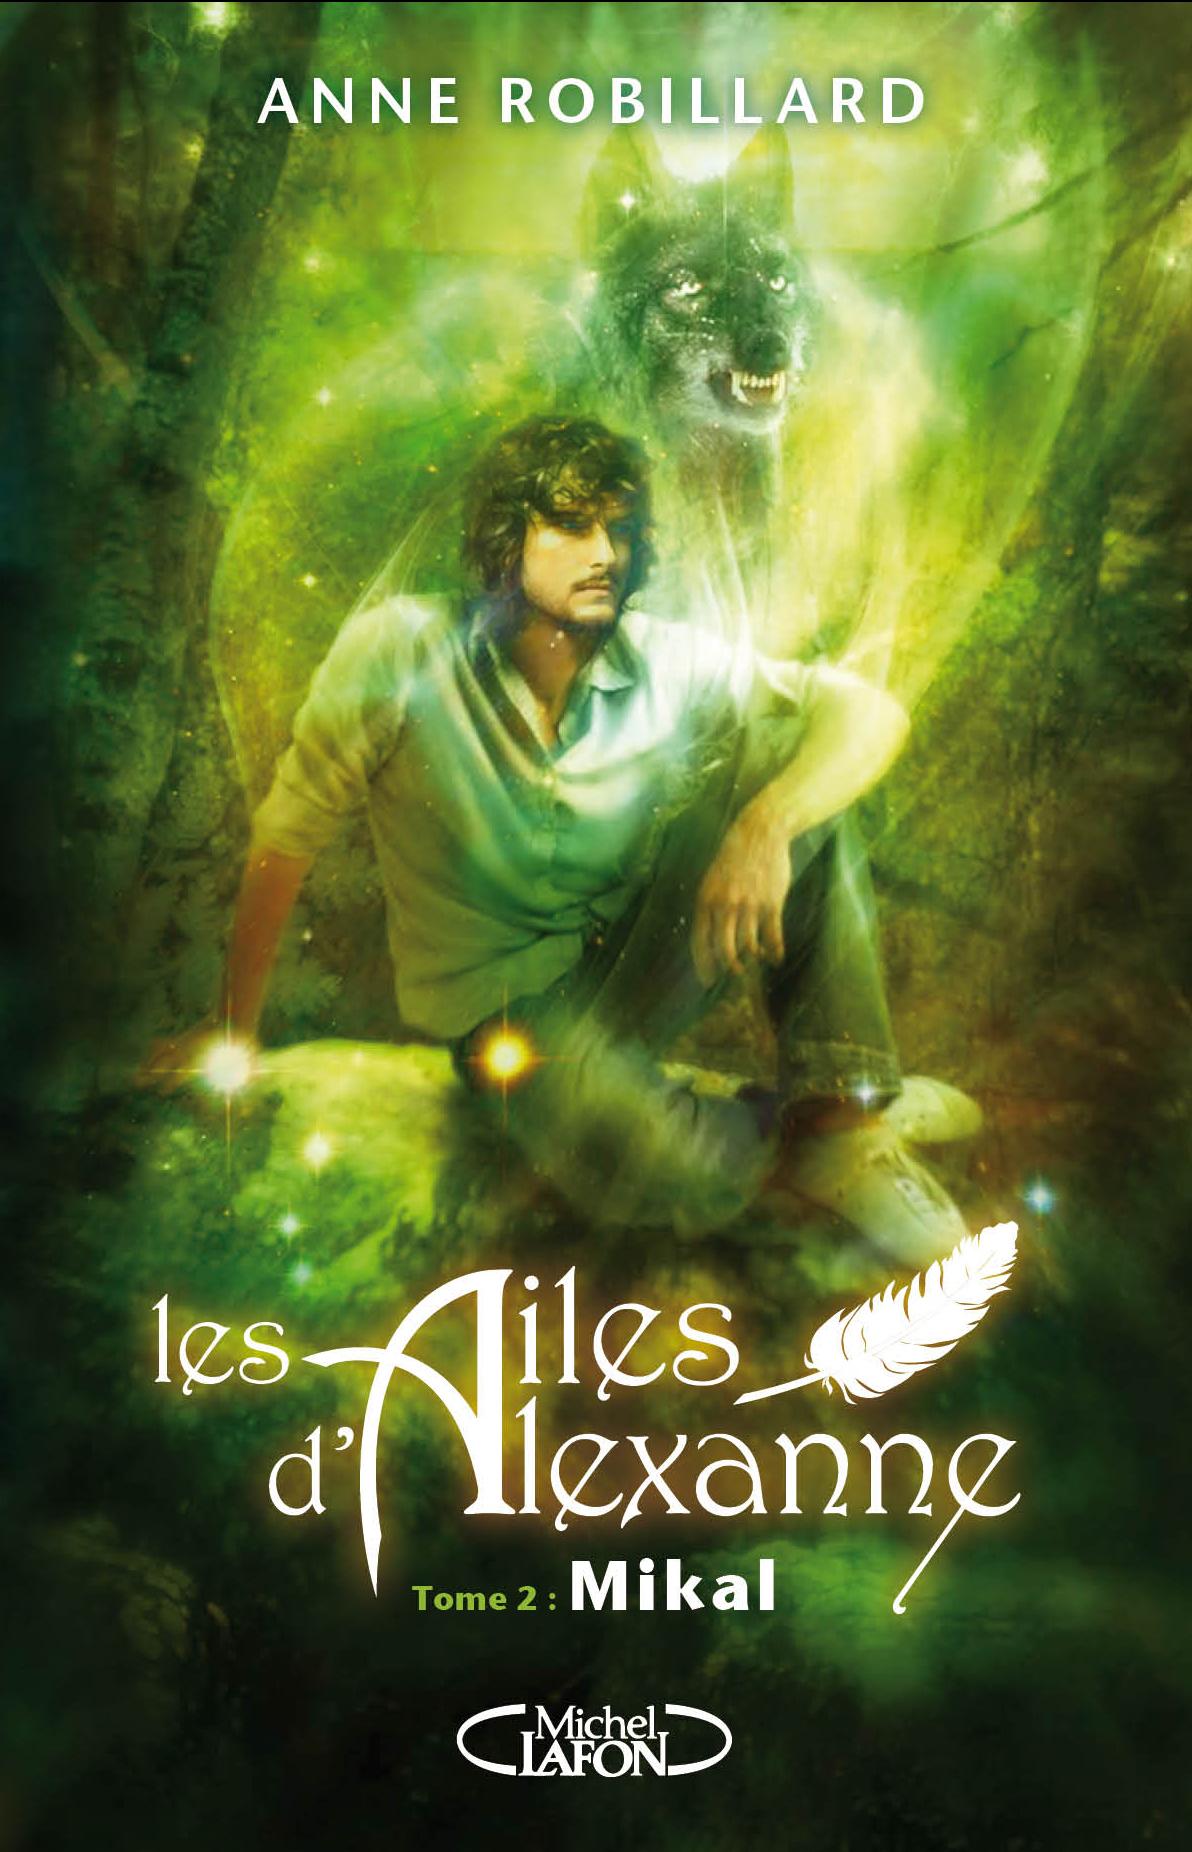 Les Ailes d'Alexanne – Tome 2